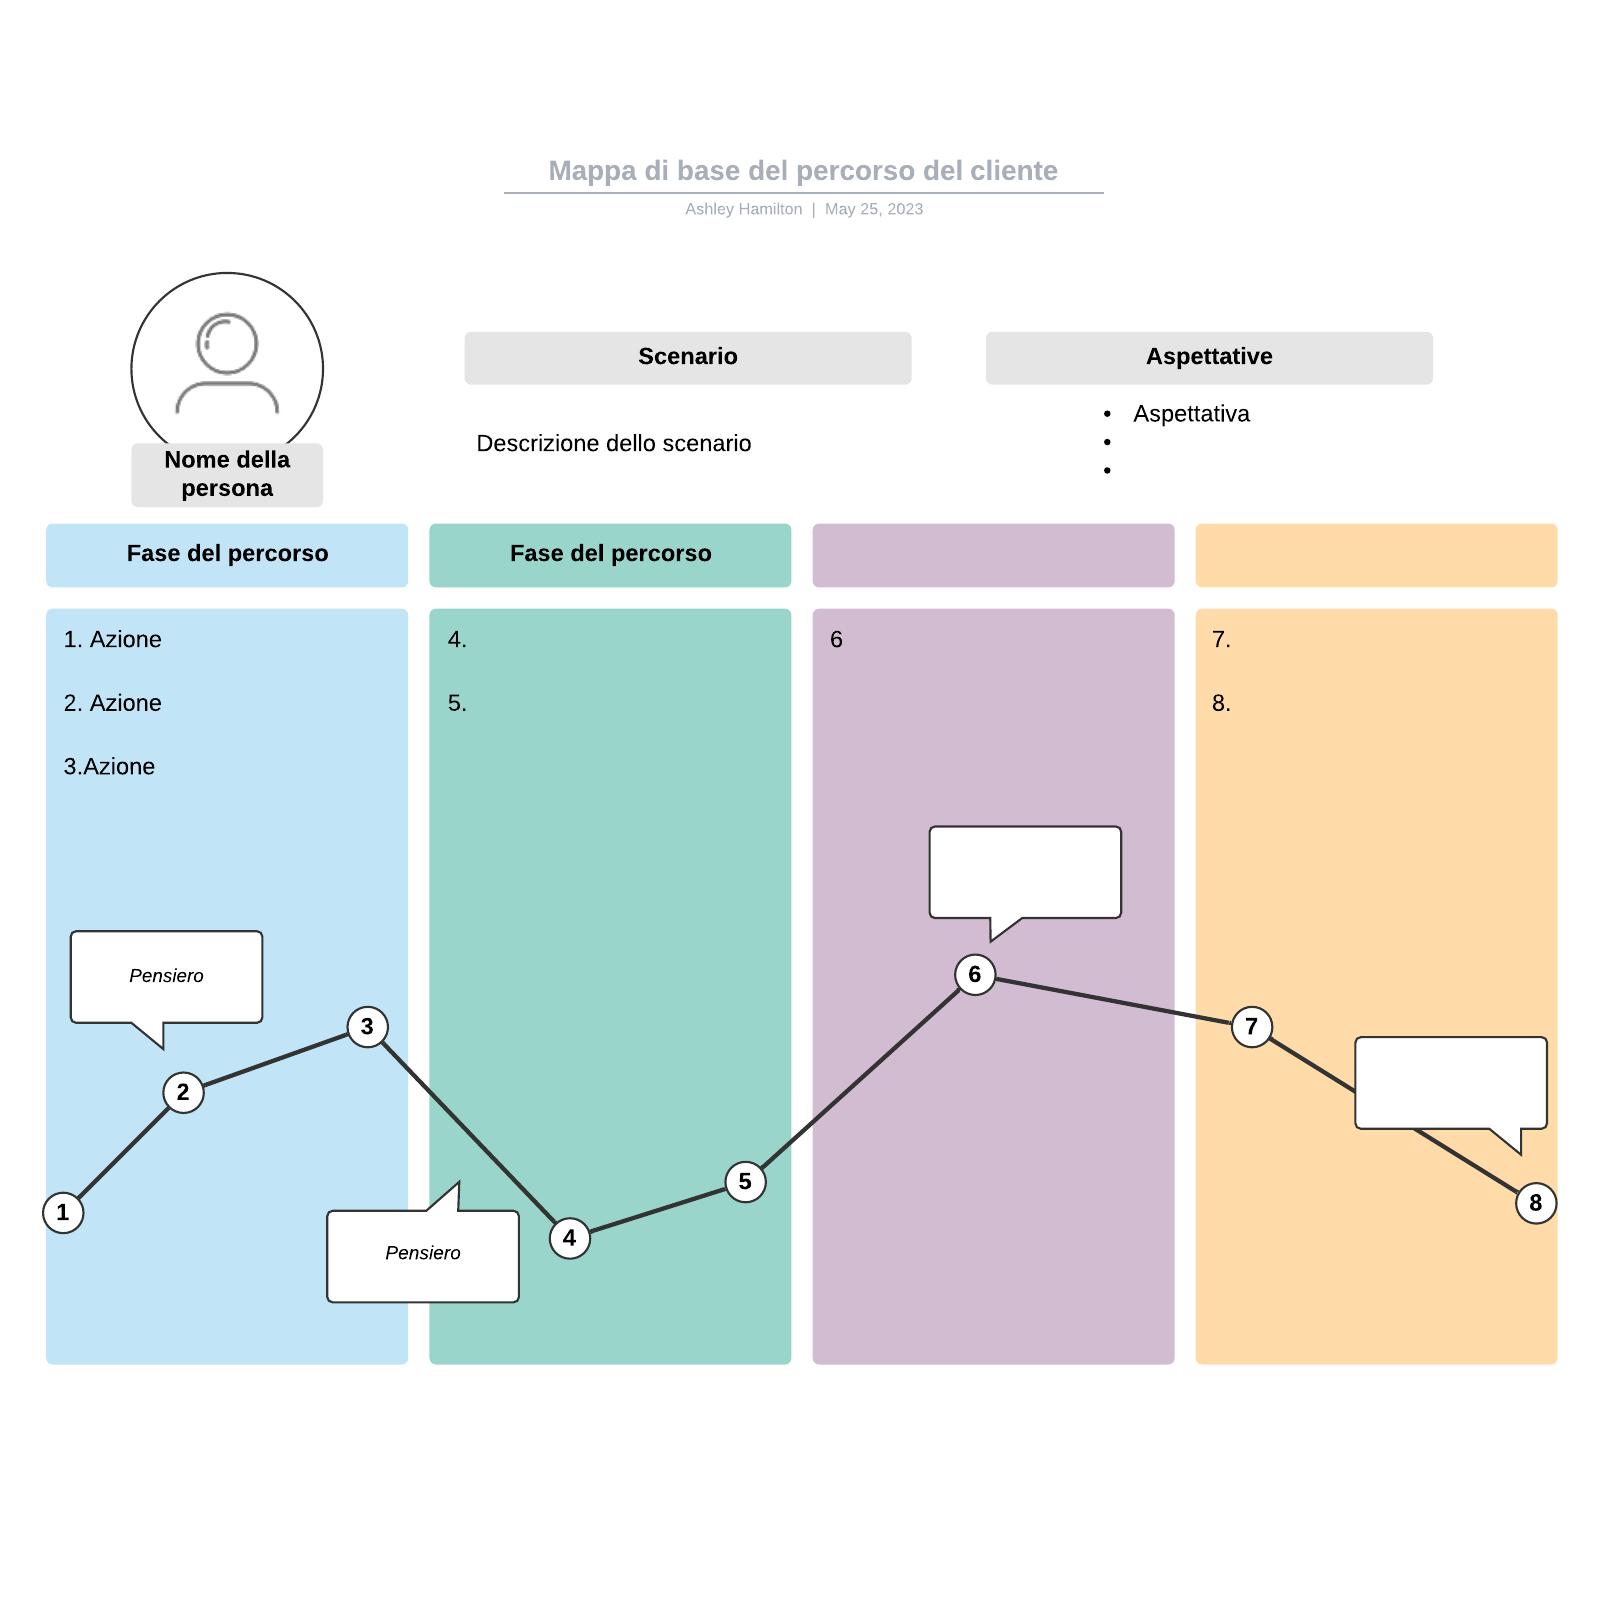 Mappa di base del percorso del cliente